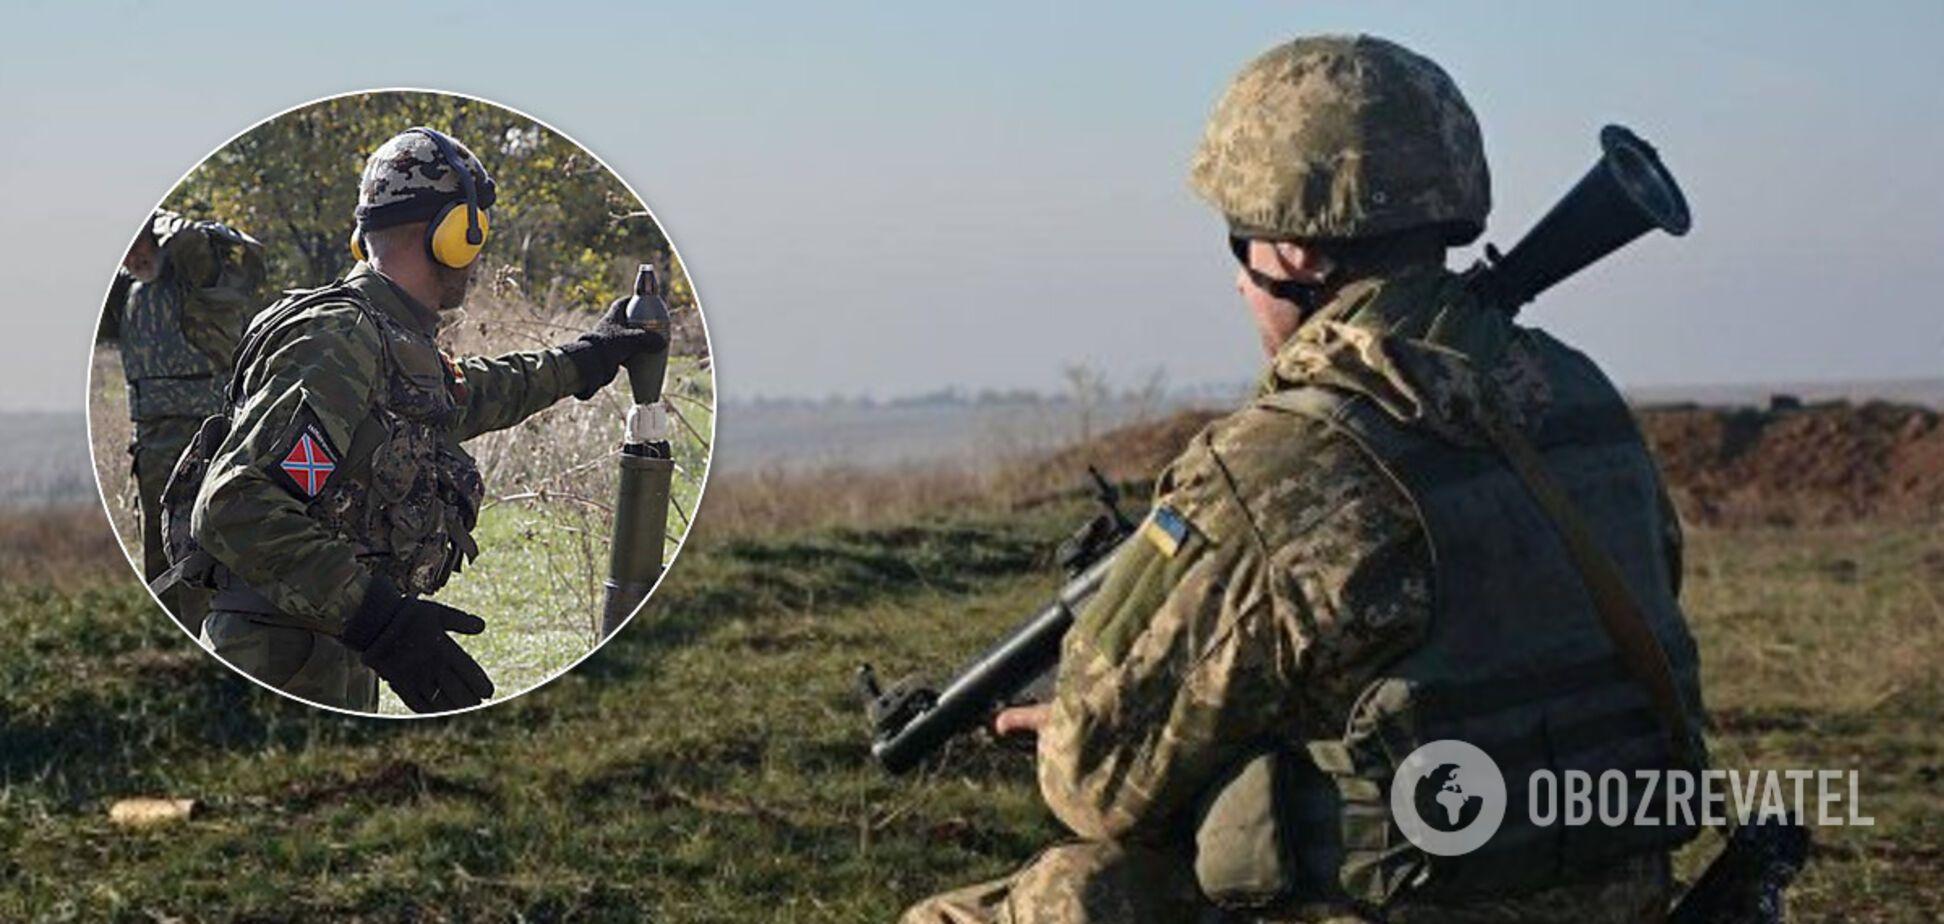 ВСУ дали жесткий отпор войскам России на Донбассе: у врага потери